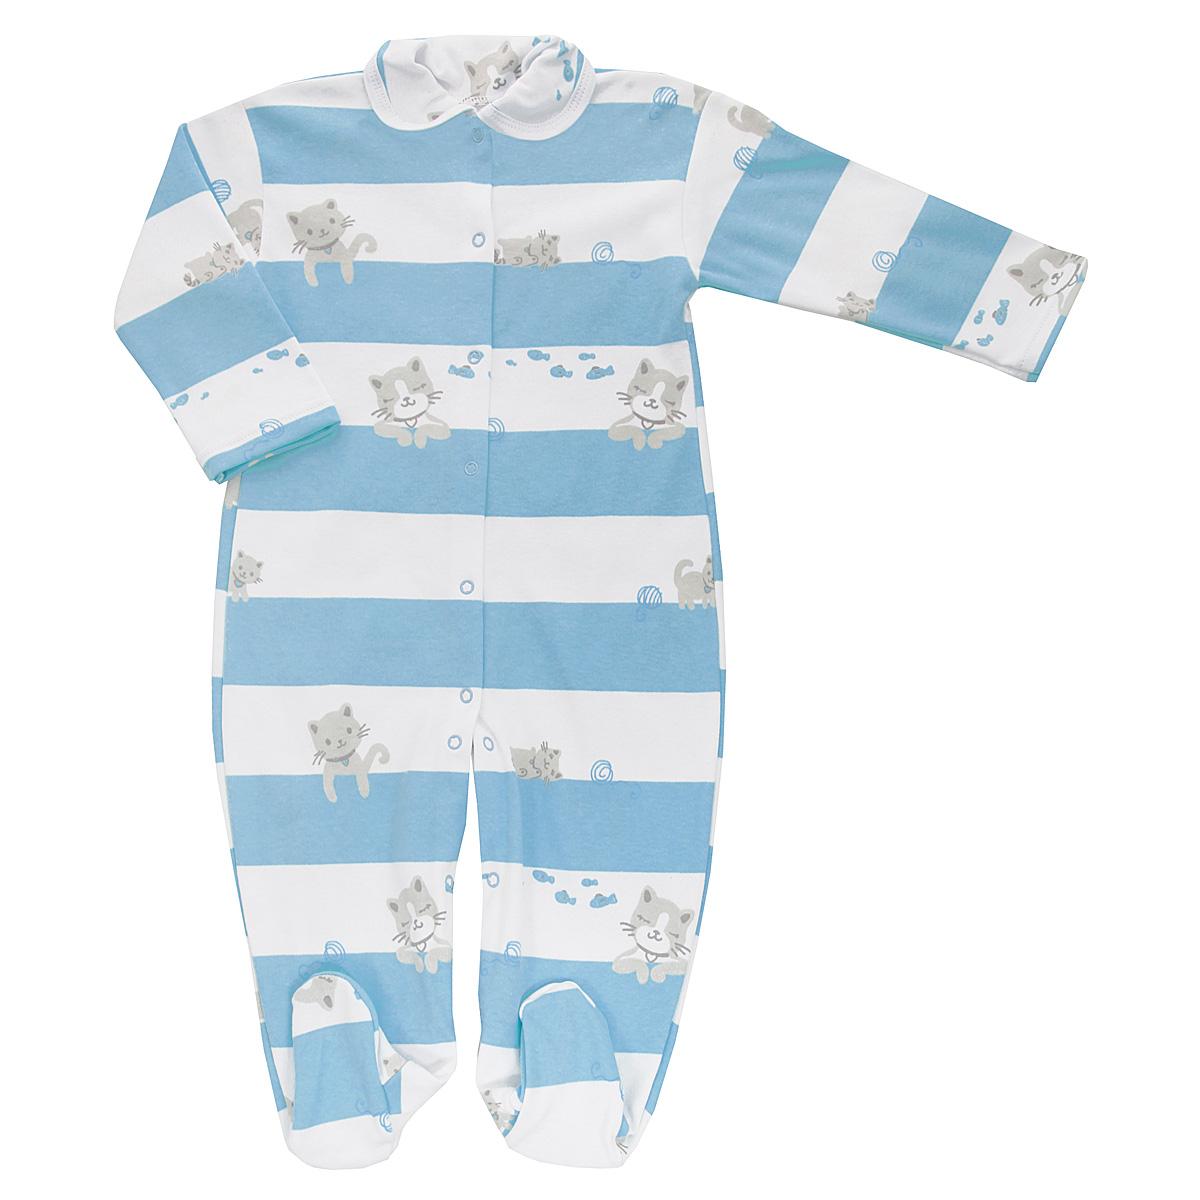 Комбинезон домашний5815_котенок, полоскаДетский комбинезон Трон-Плюс - очень удобный и практичный вид одежды для малышей. Комбинезон выполнен из интерлока - натурального хлопка, благодаря чему он необычайно мягкий и приятный на ощупь, не раздражает нежную кожу ребенка, и хорошо вентилируются, а эластичные швы приятны телу младенца и не препятствуют его движениям. Комбинезон с длинными рукавами, закрытыми ножками и отложным воротничком имеет застежки-кнопки от горловины до щиколоток, которые помогают легко переодеть ребенка или сменить подгузник. Воротник по краю дополнен контрастной бейкой. Оформлено изделие принтом в полоску, а также изображениями котят. С детским комбинезоном спинка и ножки вашего крохи всегда будут в тепле, он идеален для использования днем и незаменим ночью. Комбинезон полностью соответствует особенностям жизни младенца в ранний период, не стесняя и не ограничивая его в движениях!